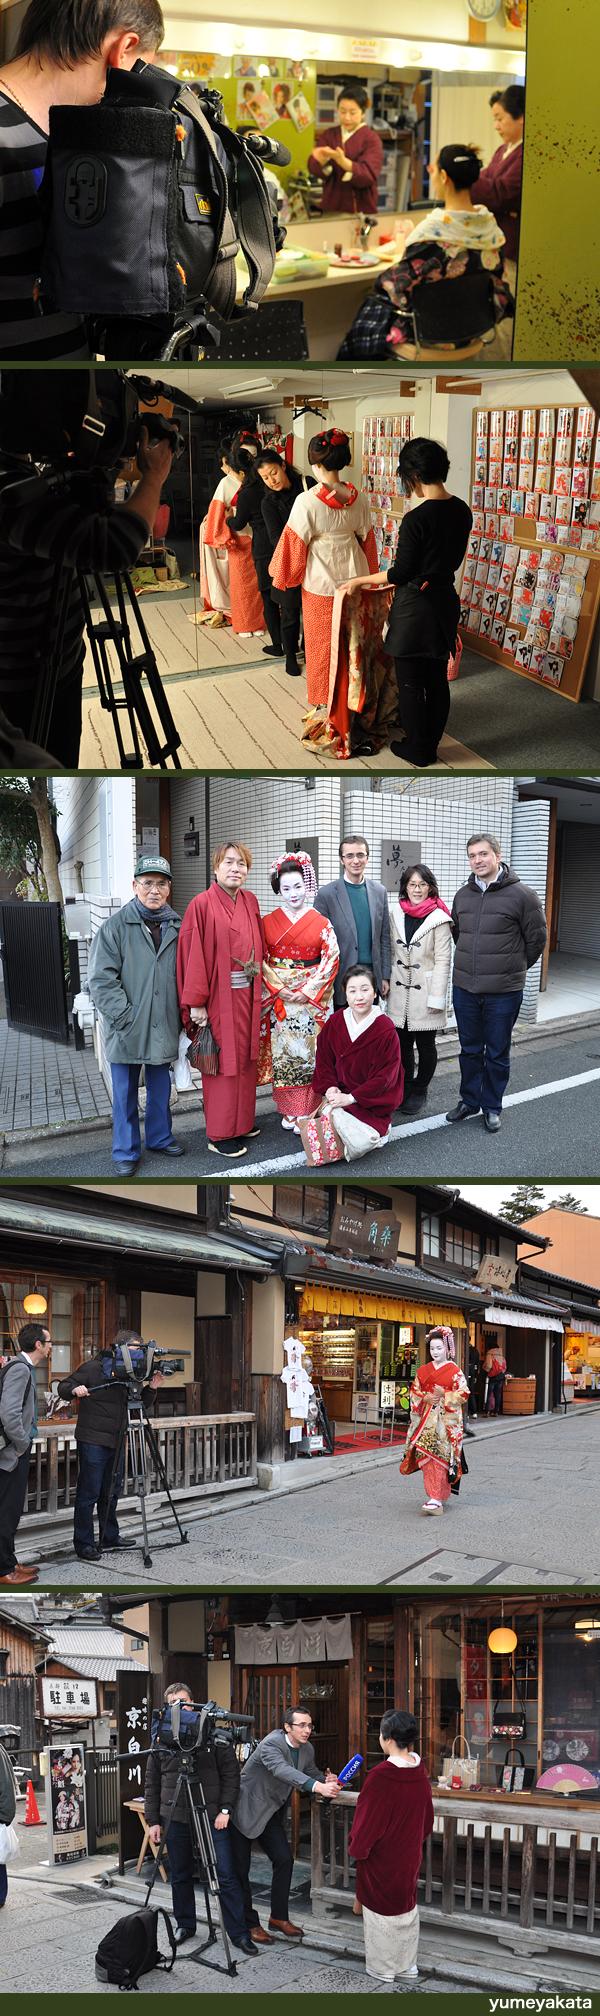 http://blog.yumeyakata.com/mass/DSC_0003.JPG